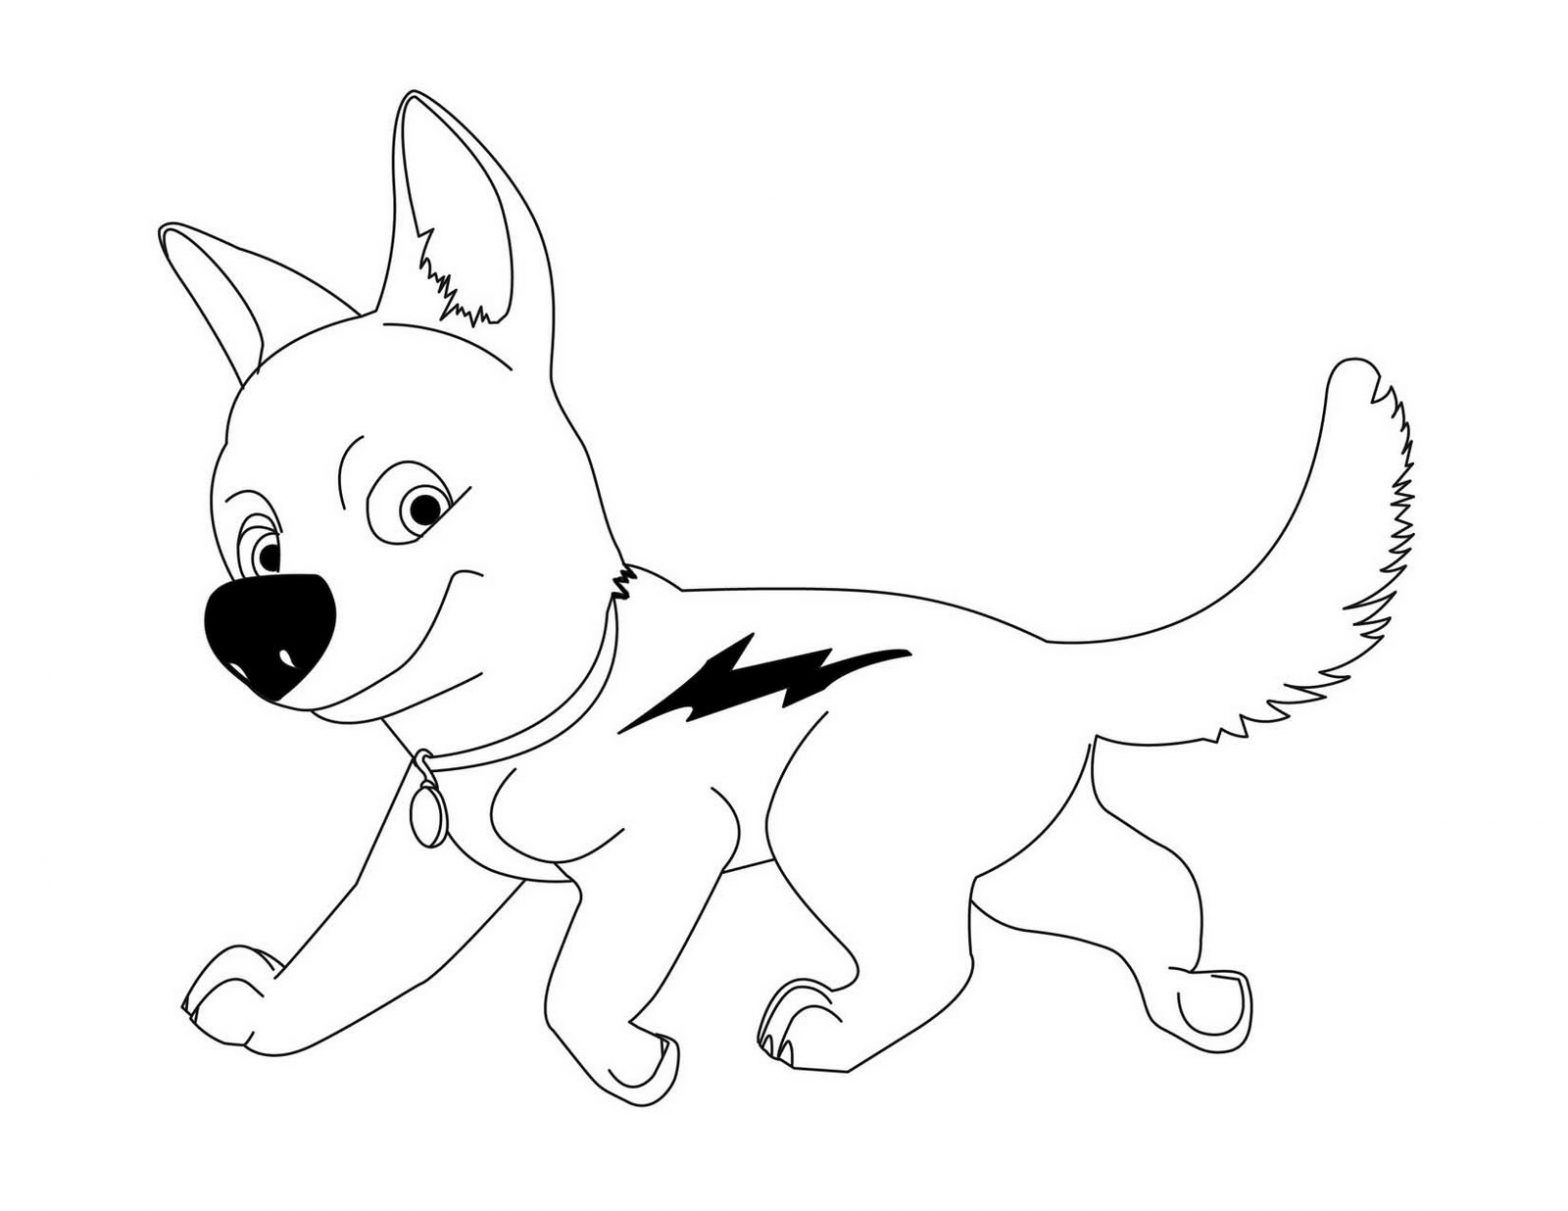 Dibujo infantil de Bolt para colorear | asiento mesa | Pinterest